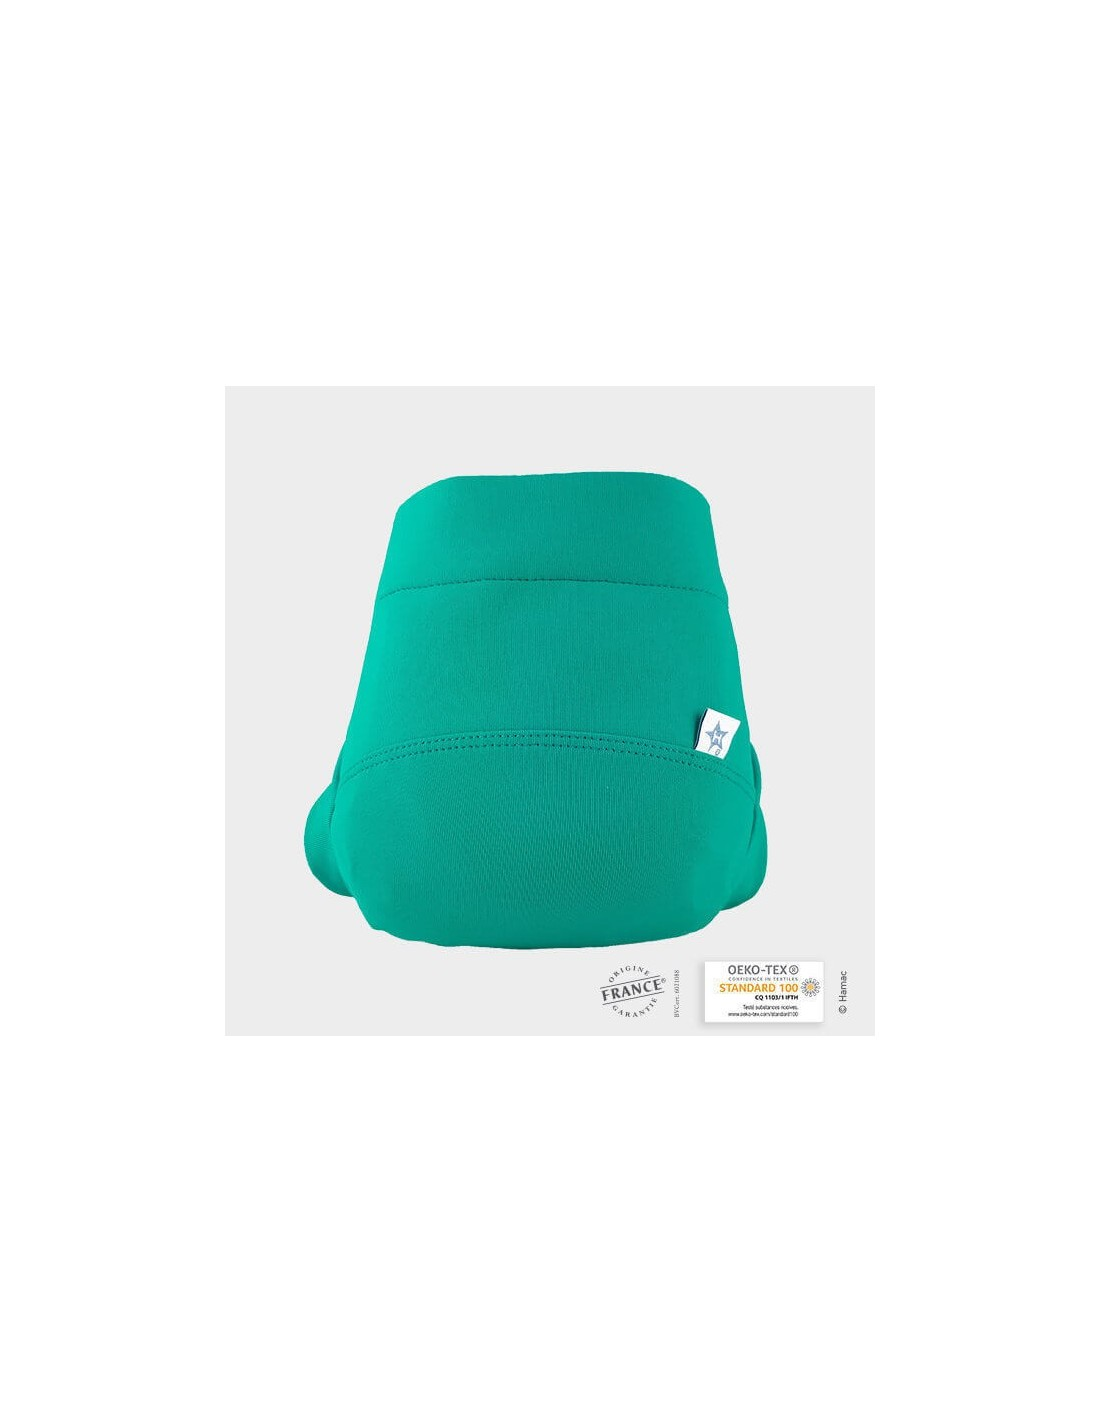 couche lavable atlantide hamac mes tendances bio. Black Bedroom Furniture Sets. Home Design Ideas